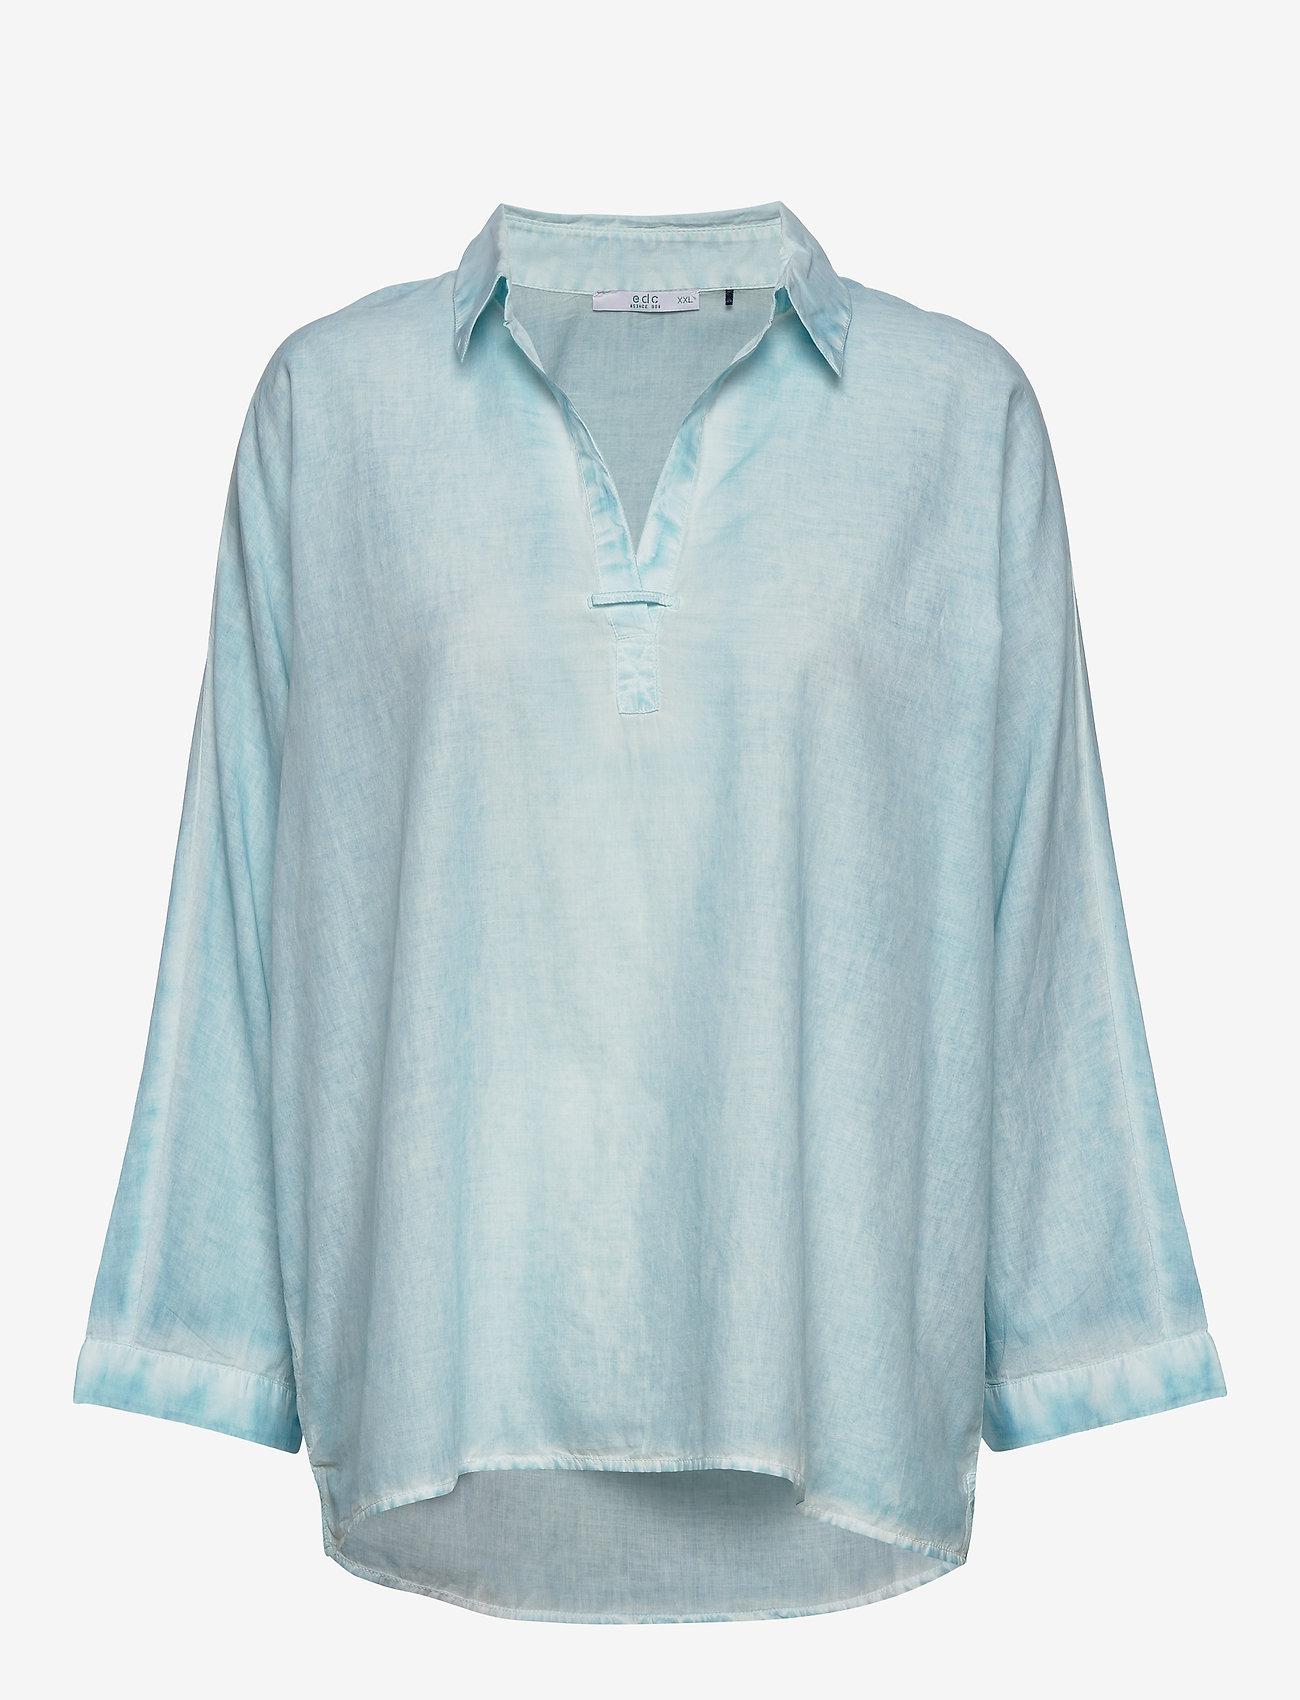 Blouses Woven (Light Blue) (240 kr) - EDC by Esprit